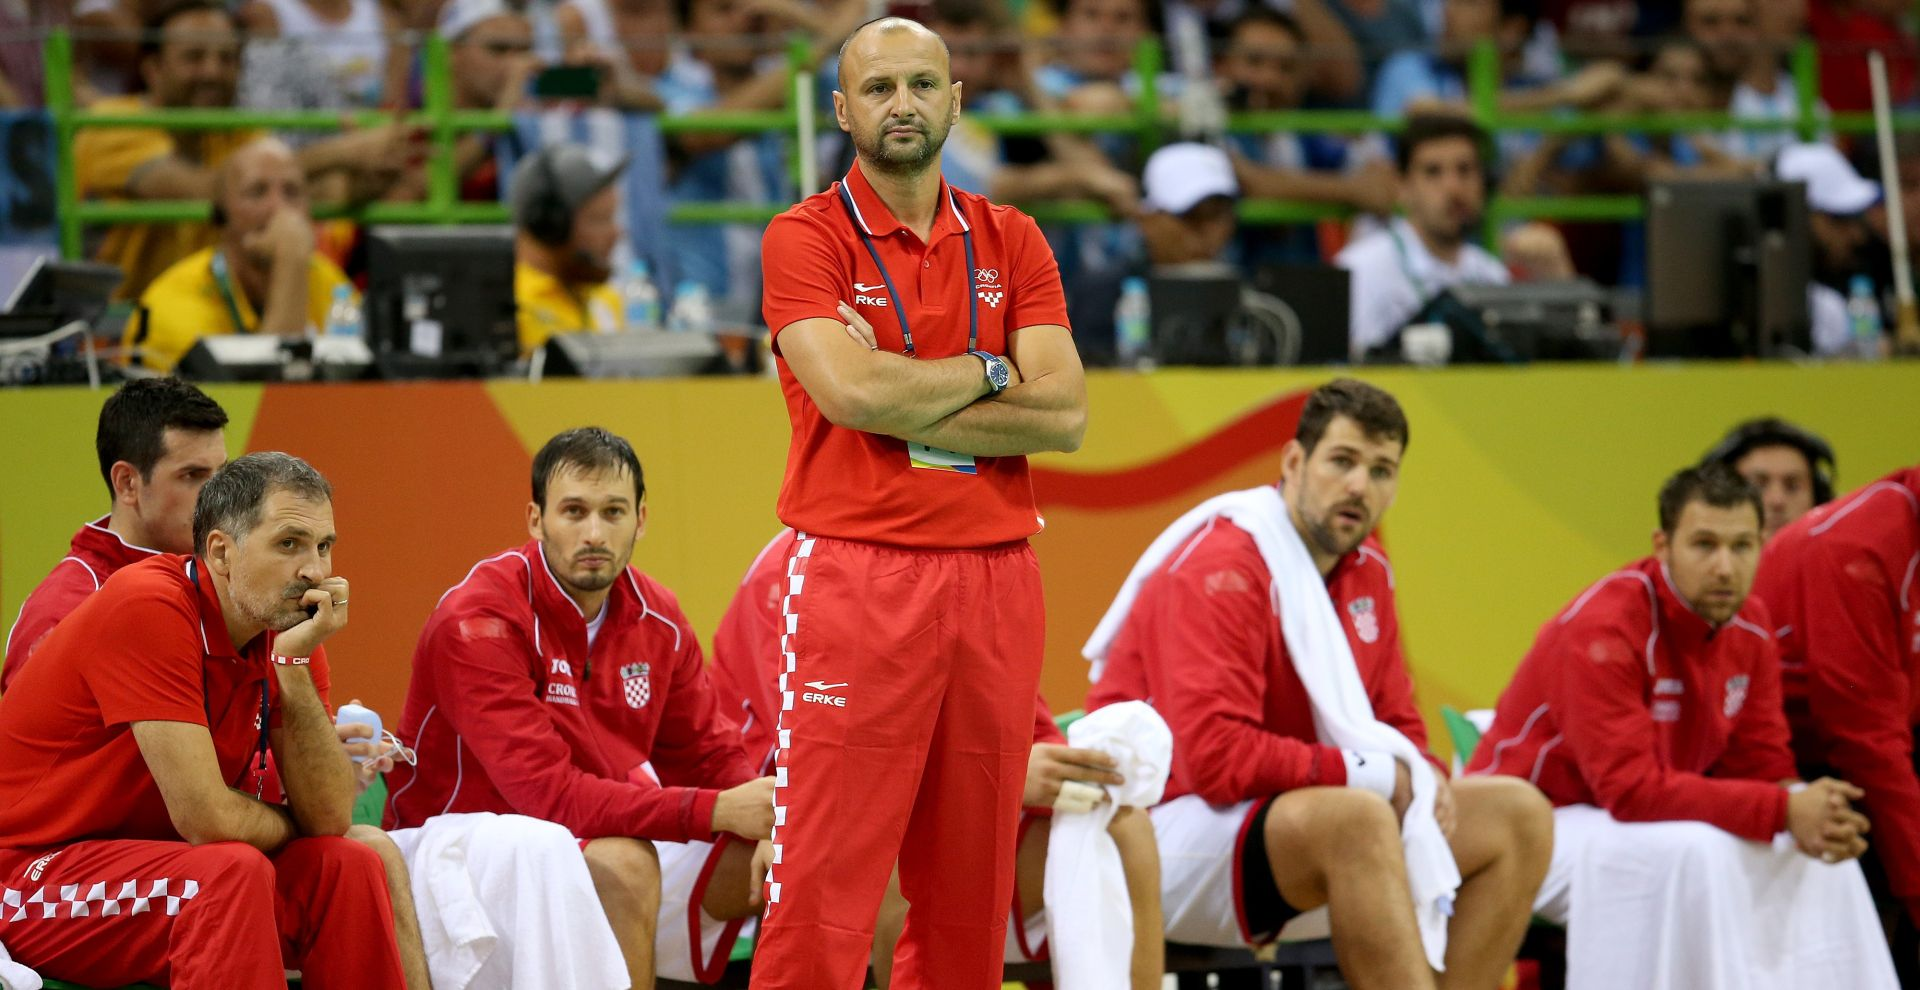 """BABIĆ NAKON TIJESNE POBJEDE """"Utakmicu nije bilo lako gledati, ali sada možemo samo biti bolji"""""""